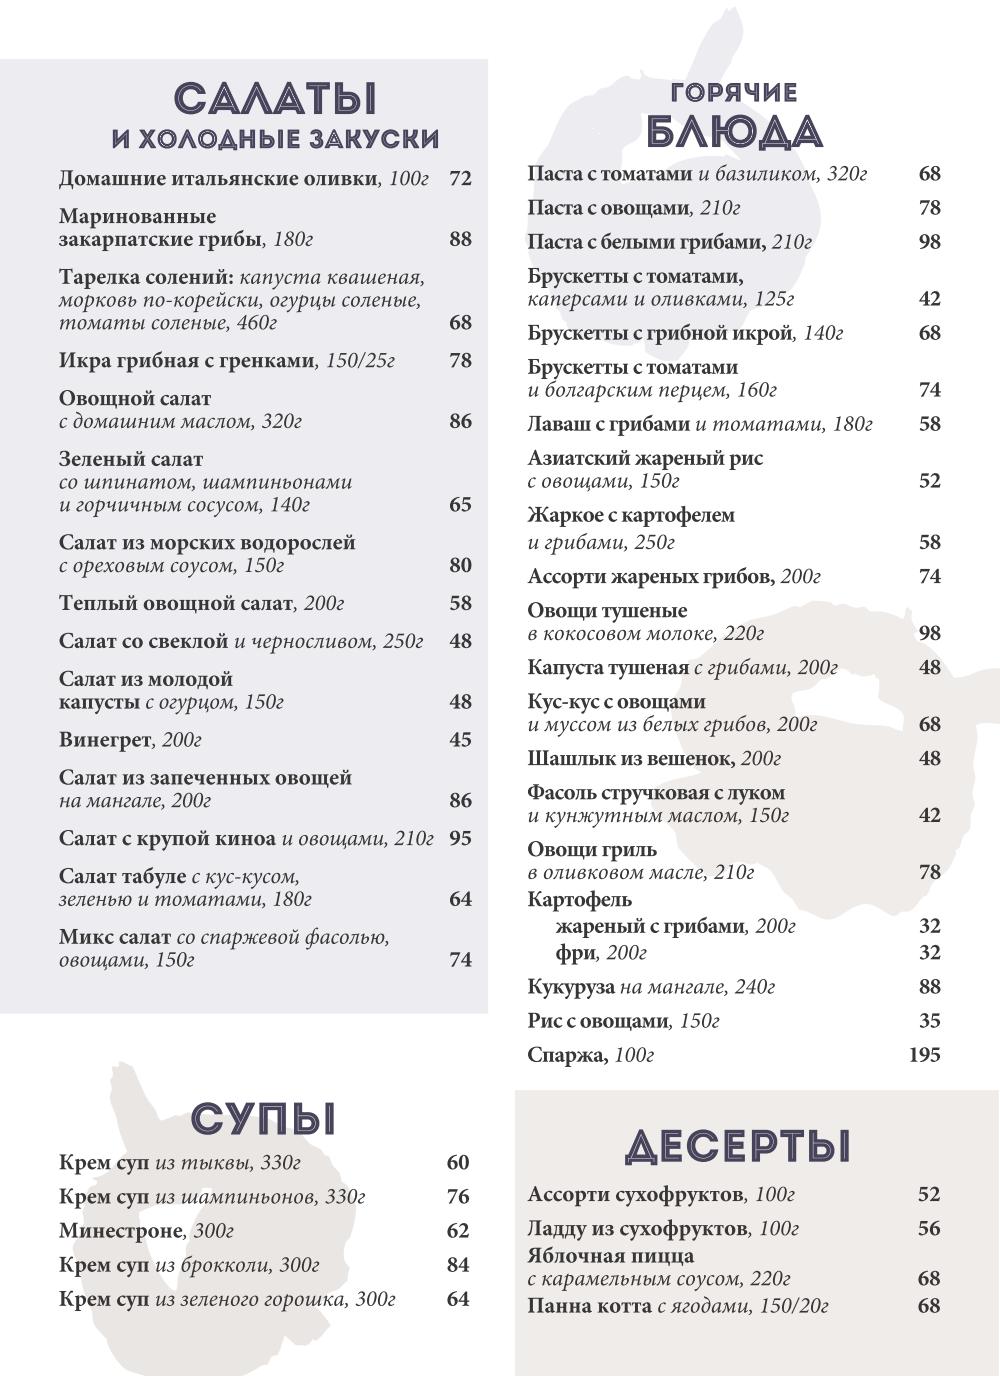 Постное меню ресторана СМОРОДИНА